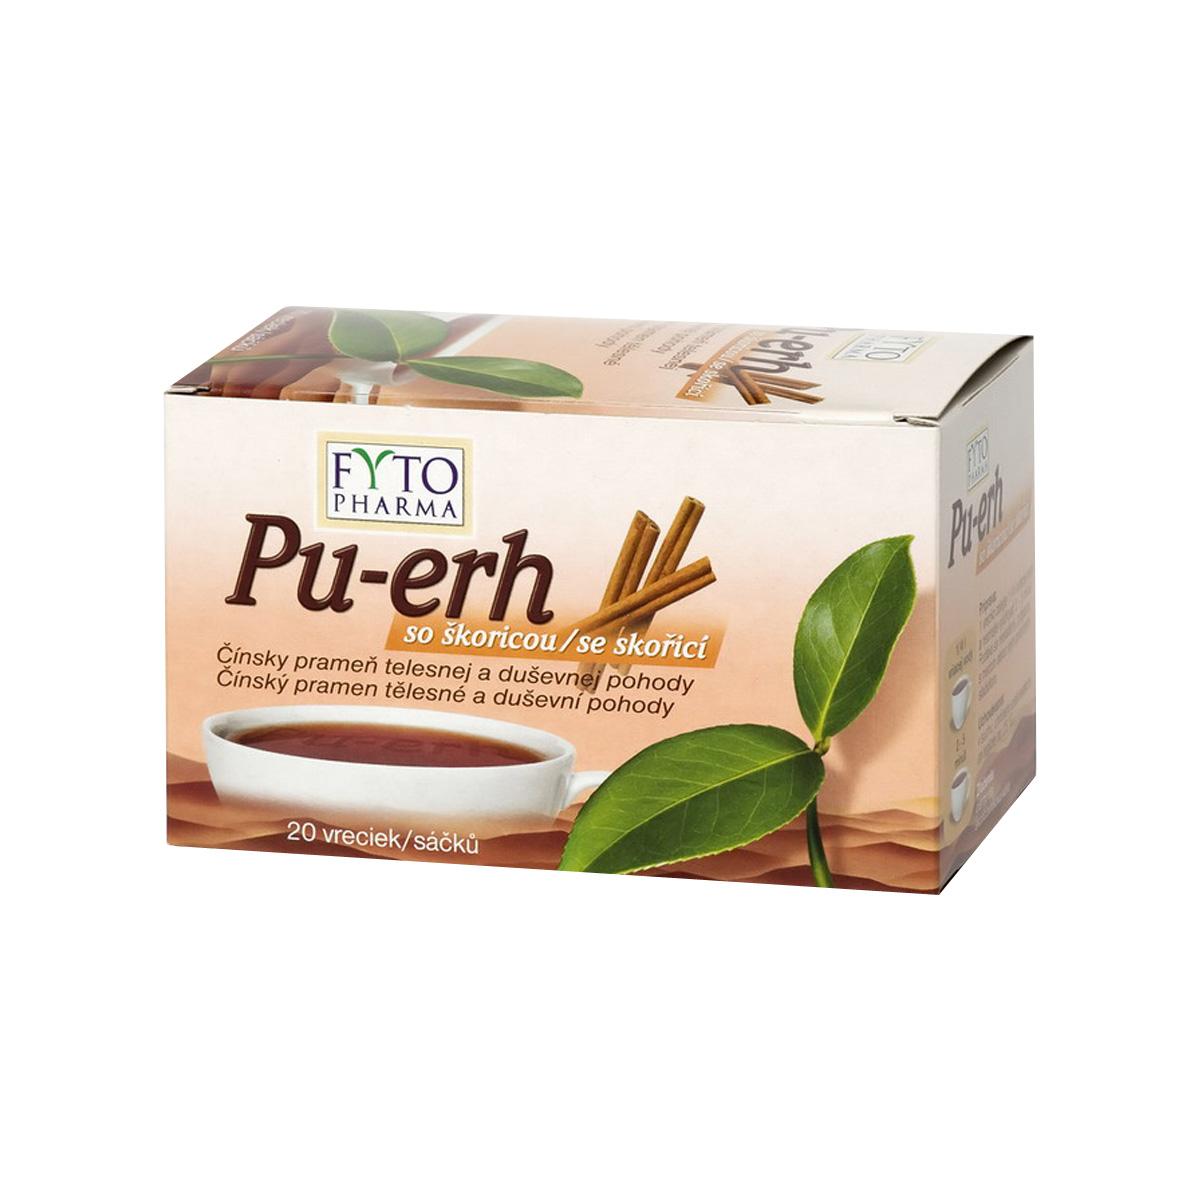 Fytopharma Pu-erh se skořicí 20 x 1,5 g